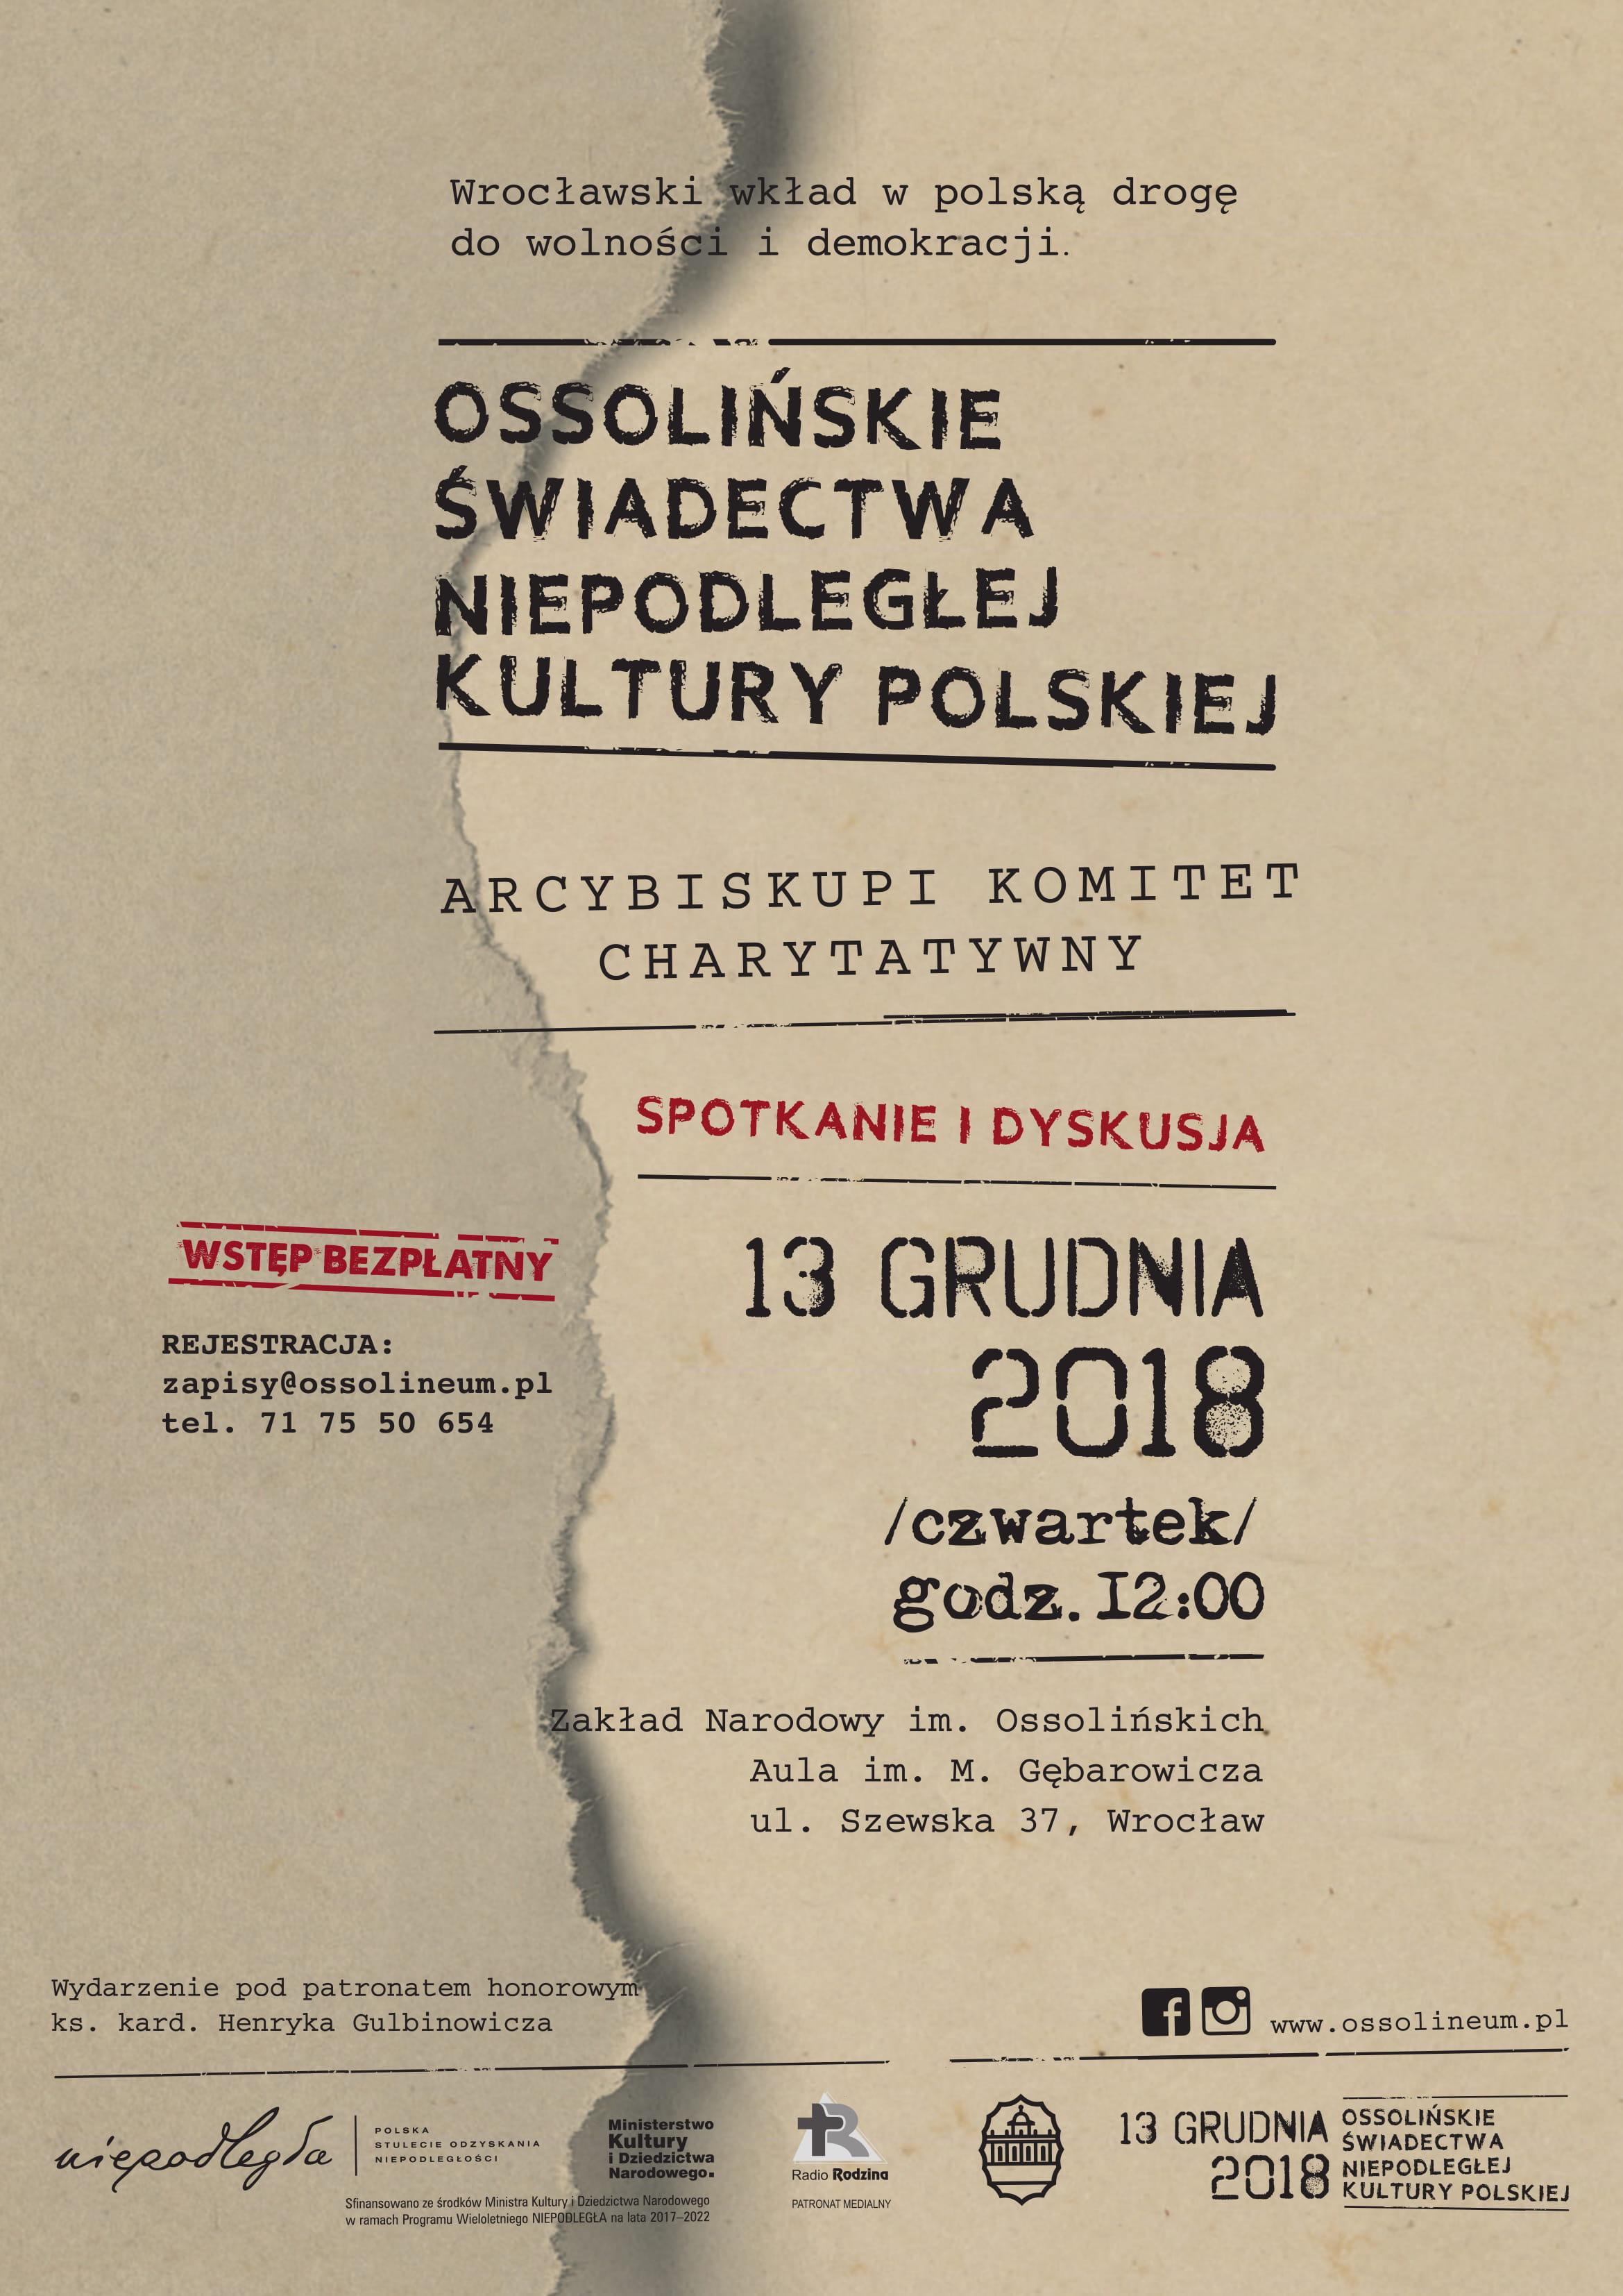 Plakat wydarzenia z nazwą wydarzenia i datą 13 grudnia 2018